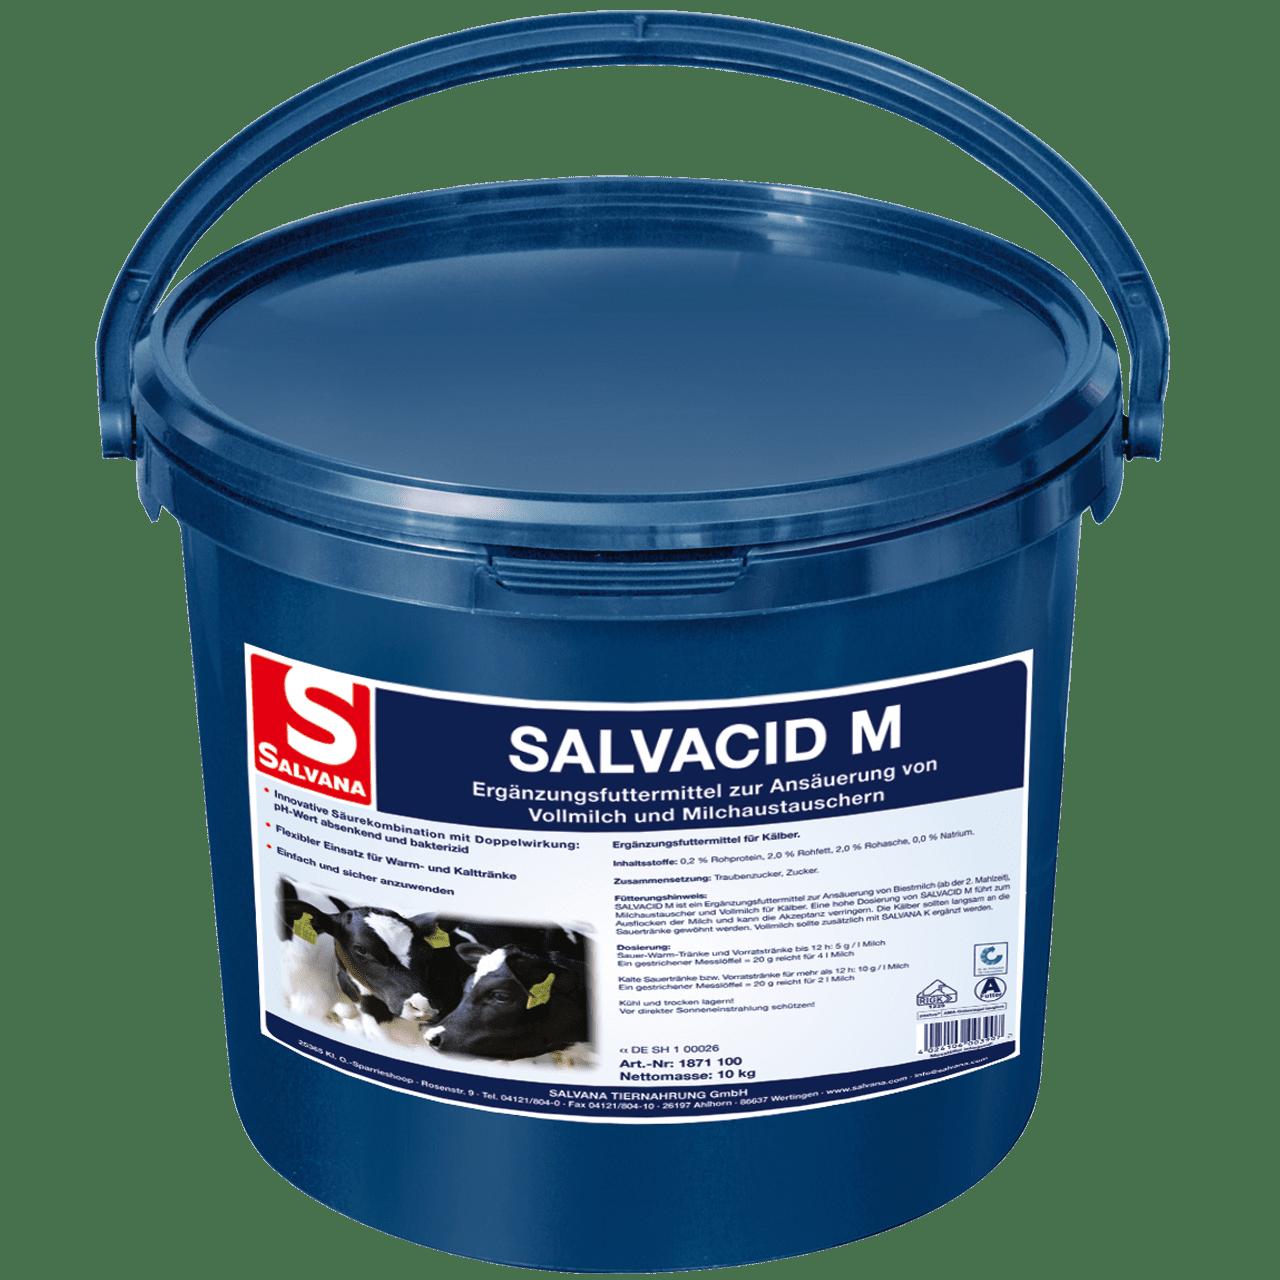 SALVACID M